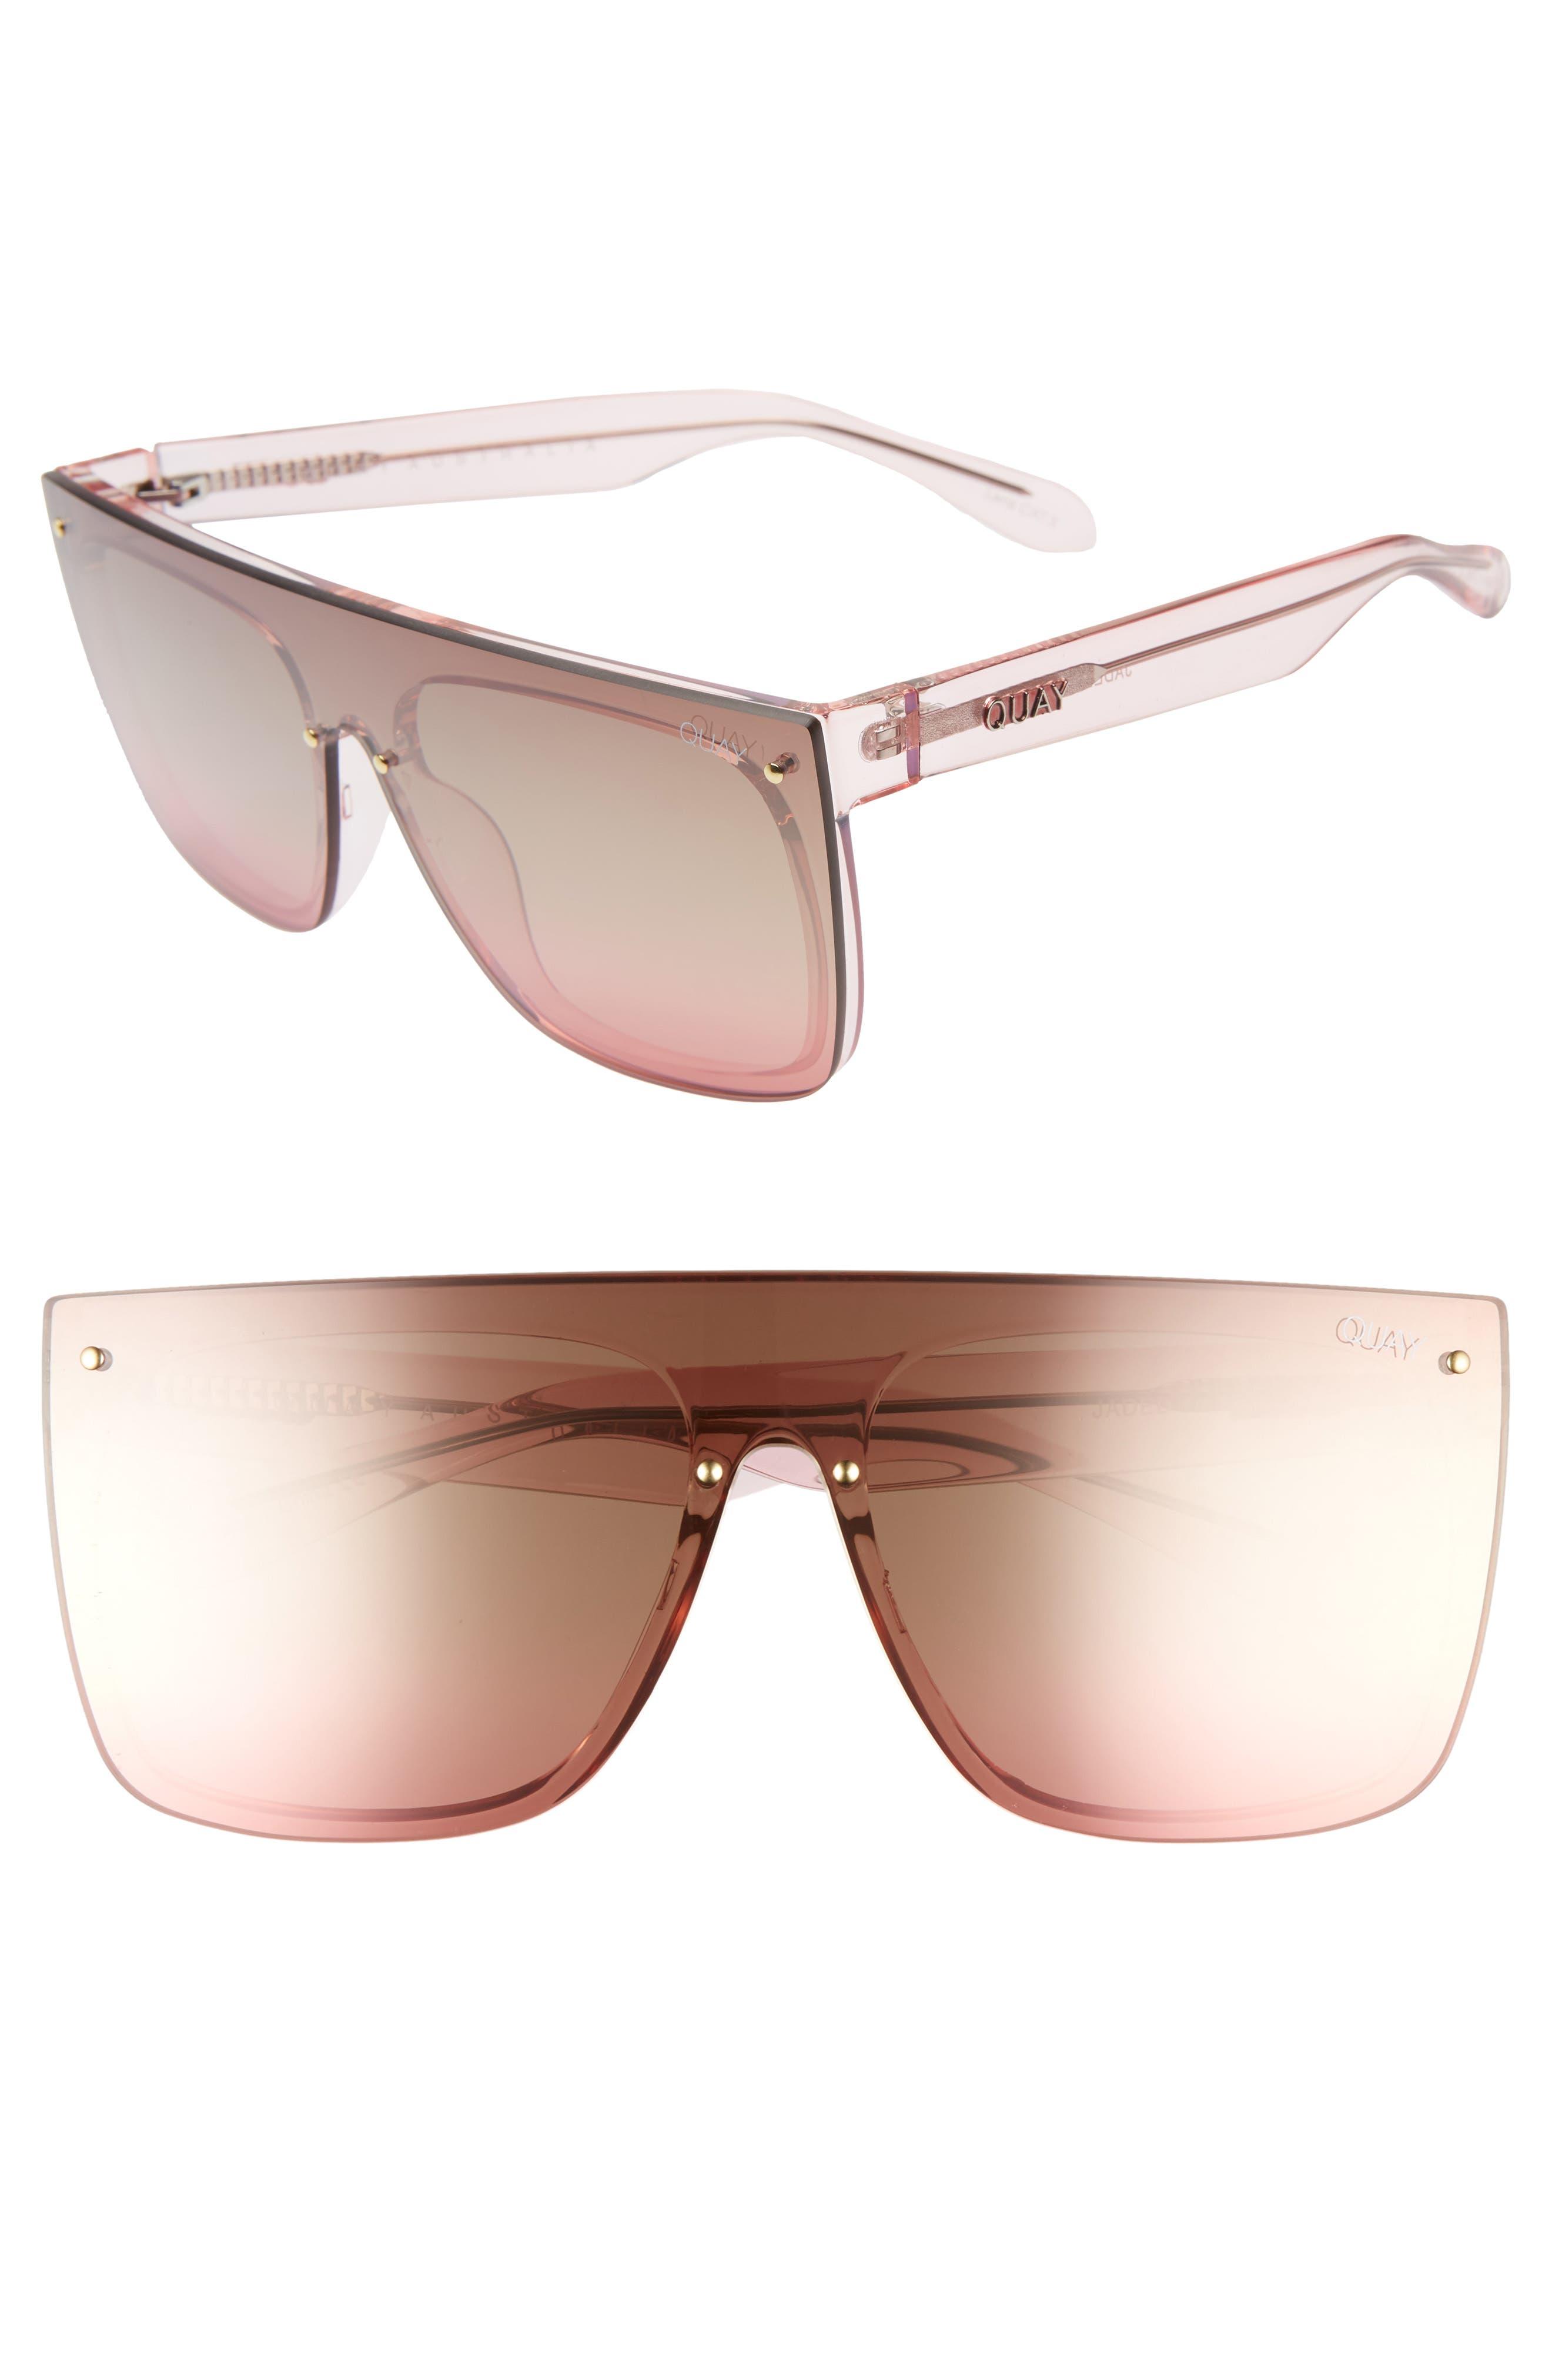 Quay Australia Jaded 150Mm Flat Top Sunglasses - Pink Brown Flash